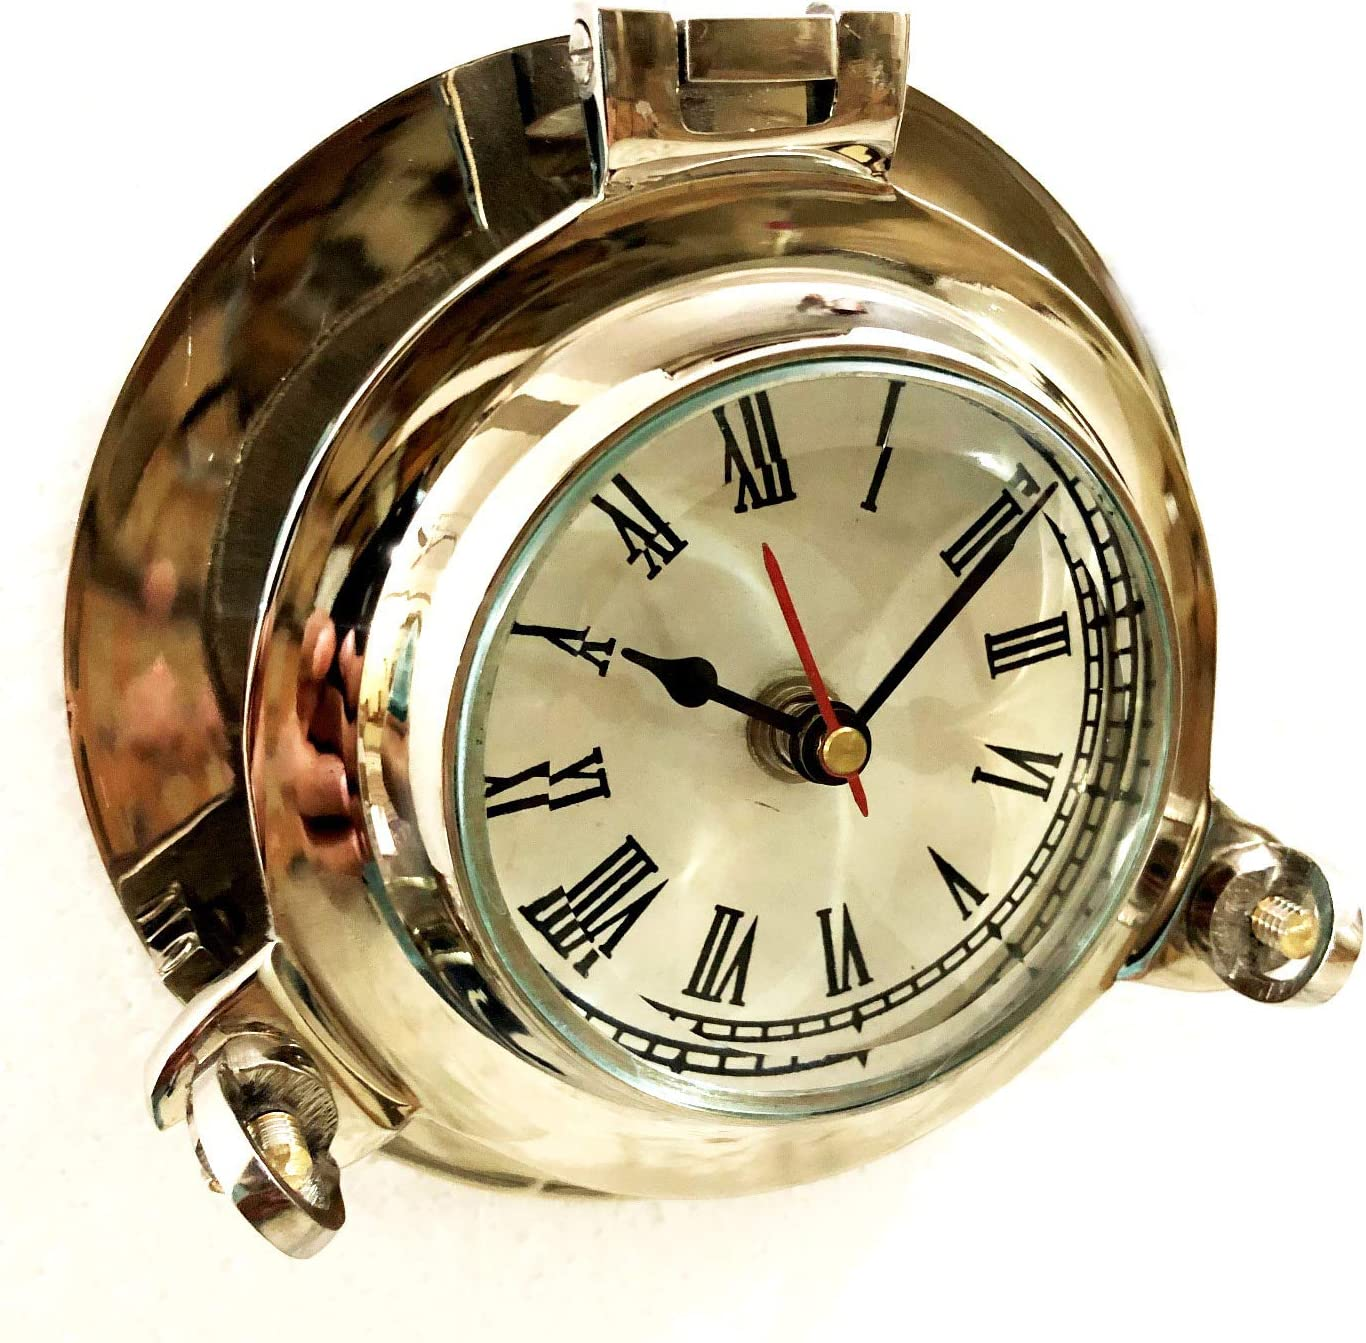 Reloj de pared náutico de 6 cm para colgar en la pared, diseño de ojo de buque, color plateado